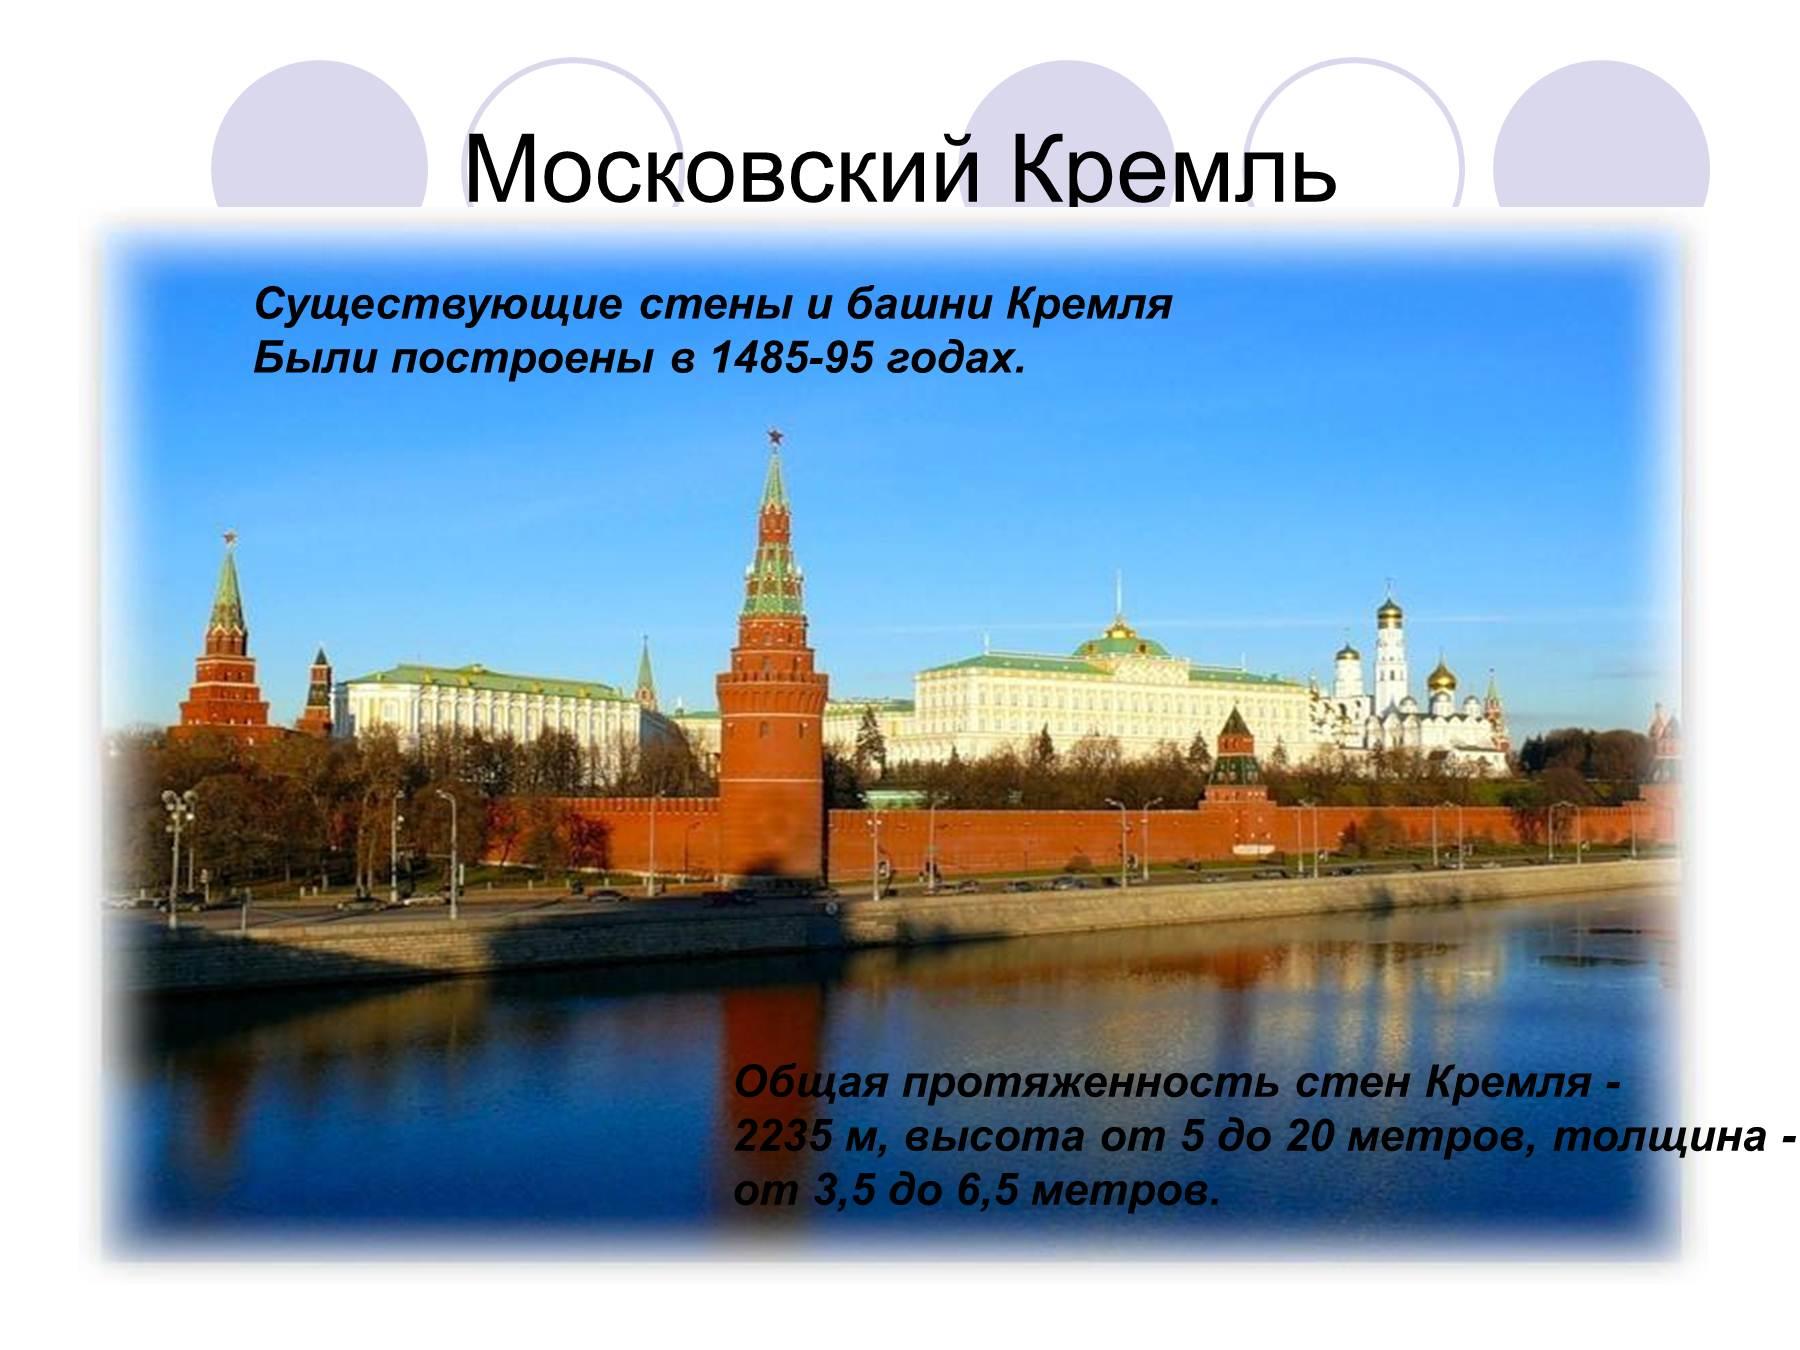 Сообщение о достопримечательностях москвы для 4 класса